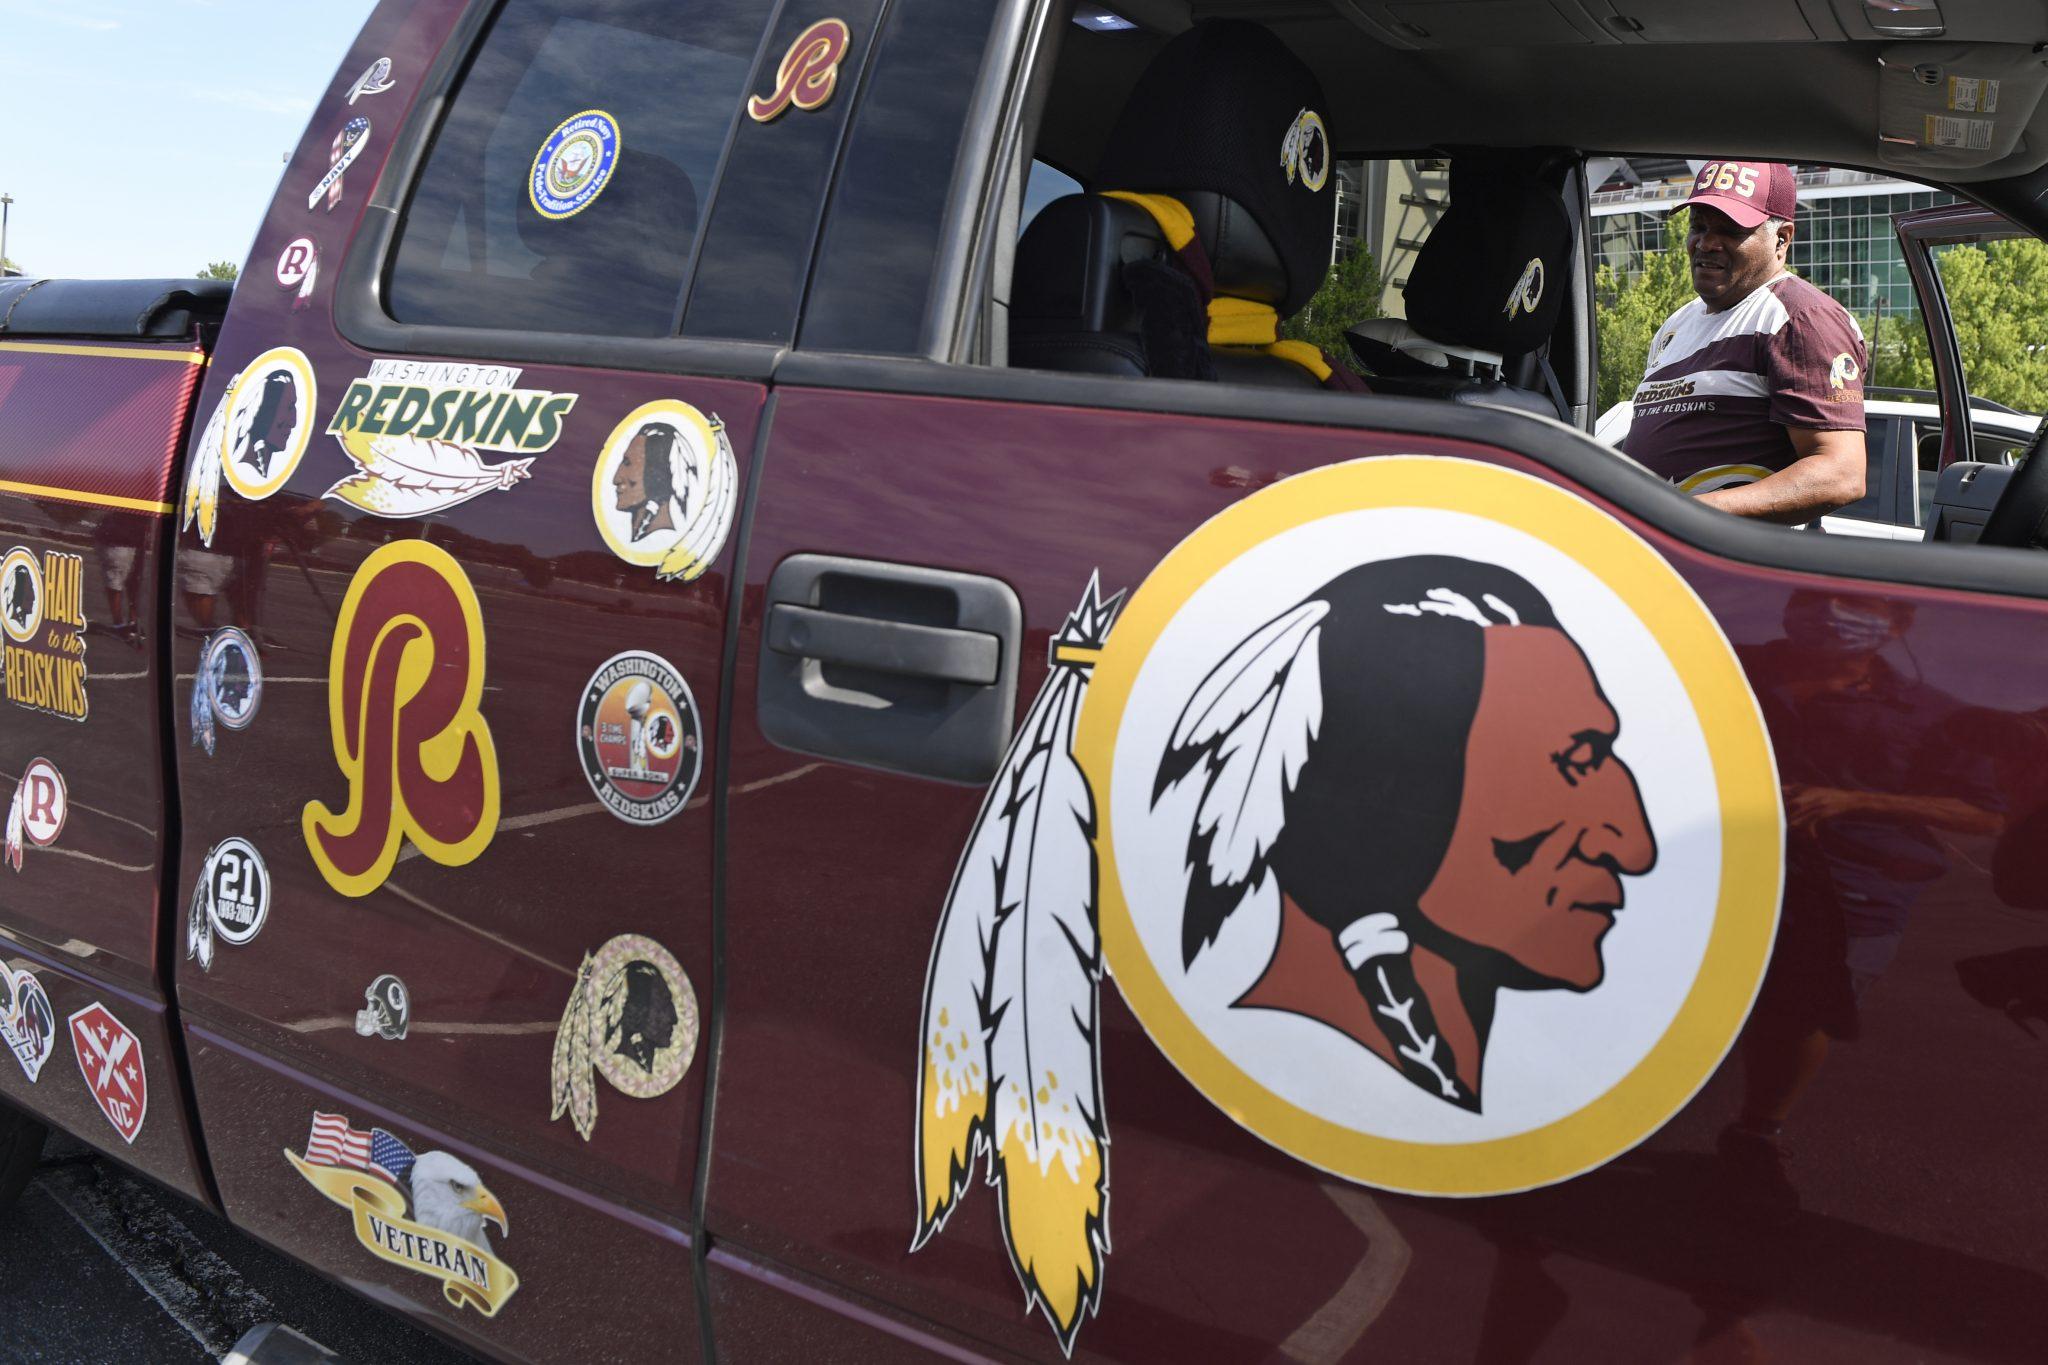 Das bisherige Logo der Washington Redskins prangt auf einem Auto Foto: picture alliance / AP Photo